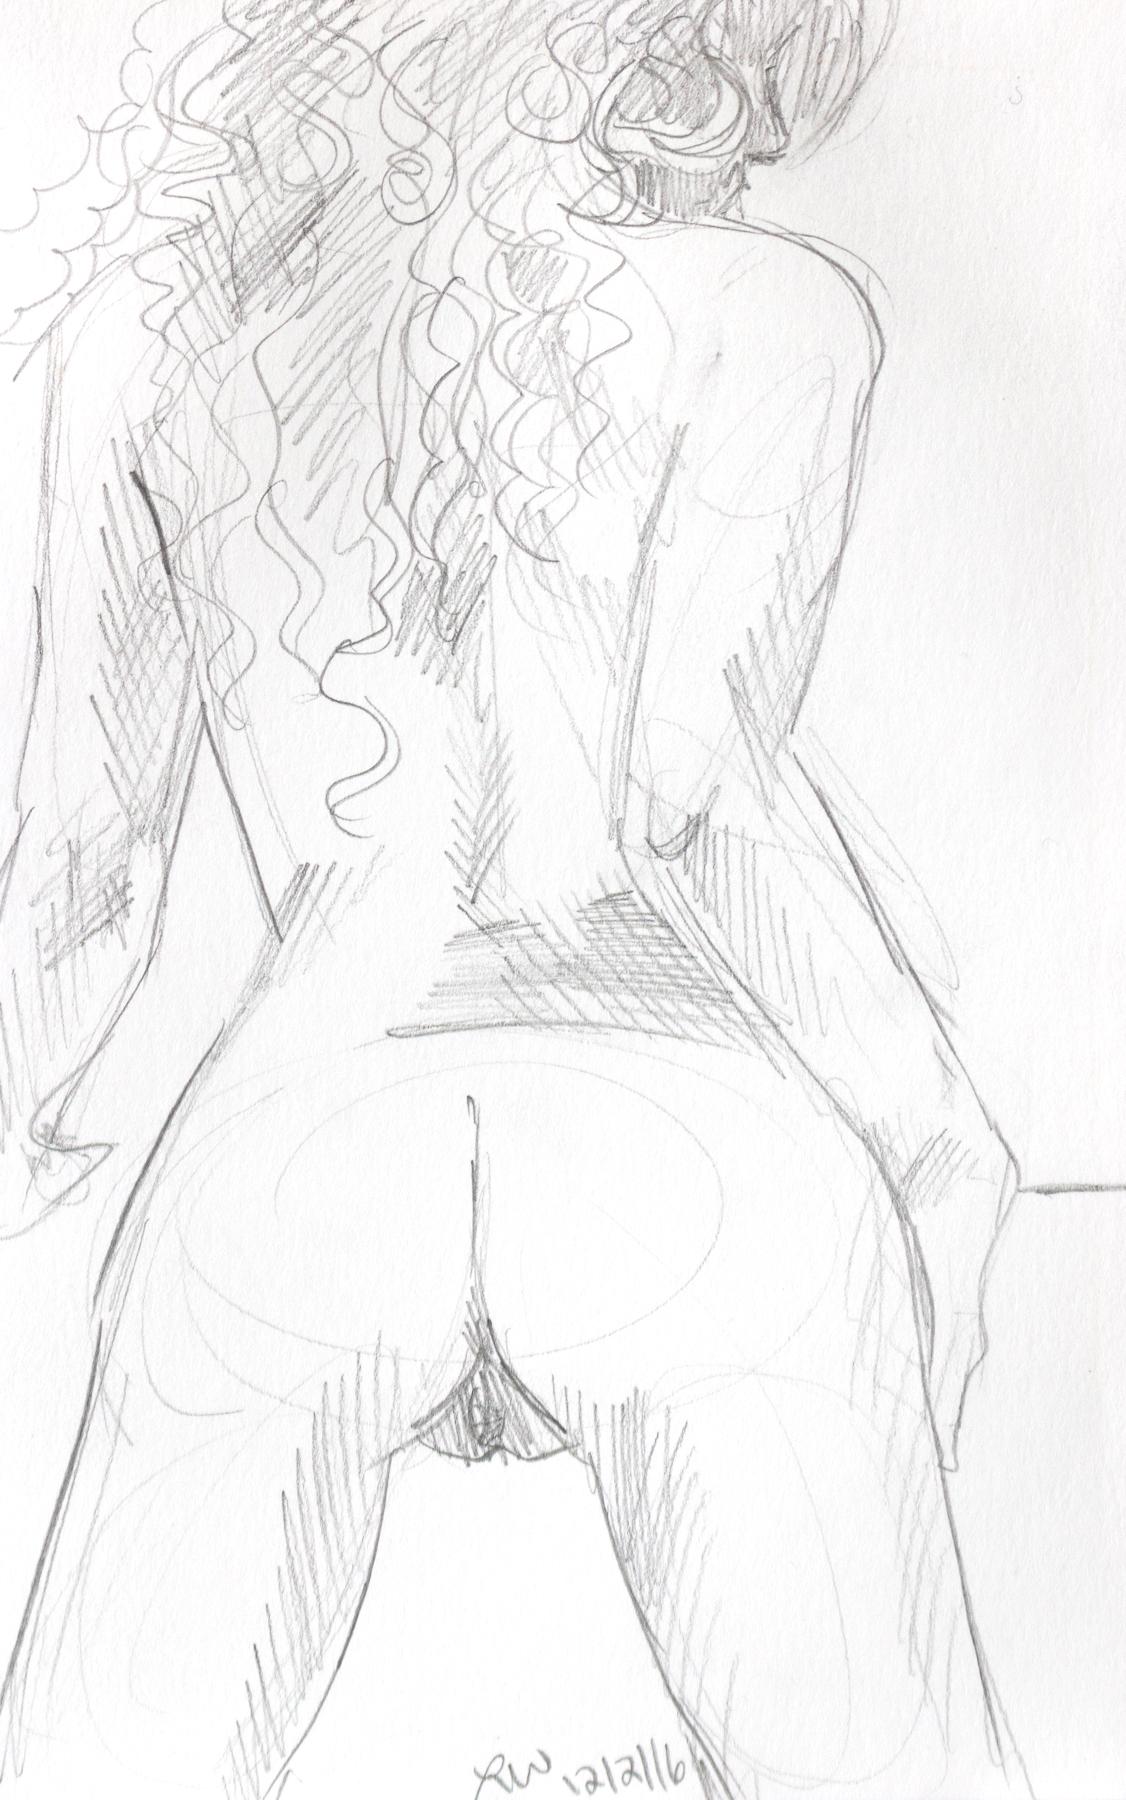 nudesketches_lo_res-7.jpg